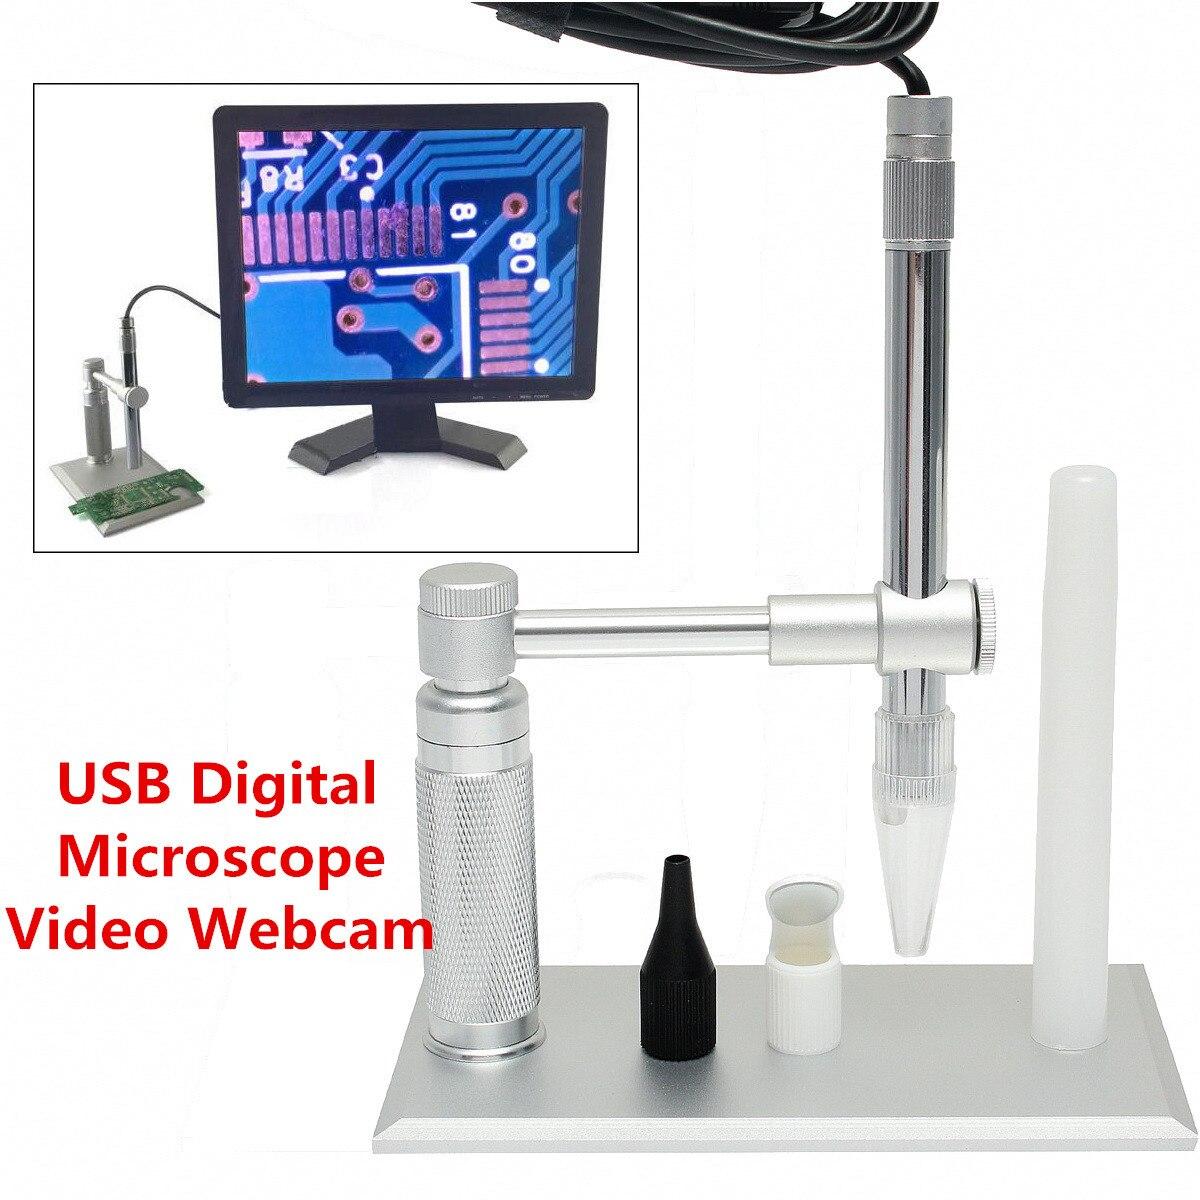 Mikroskopy dla Andonstar statyw 500X2 MP mikroskop cyfrowy USB kamera wideo lupa statyw kamery w Mikroskopy od Narzędzia na AliExpress - 11.11_Double 11Singles' Day 1